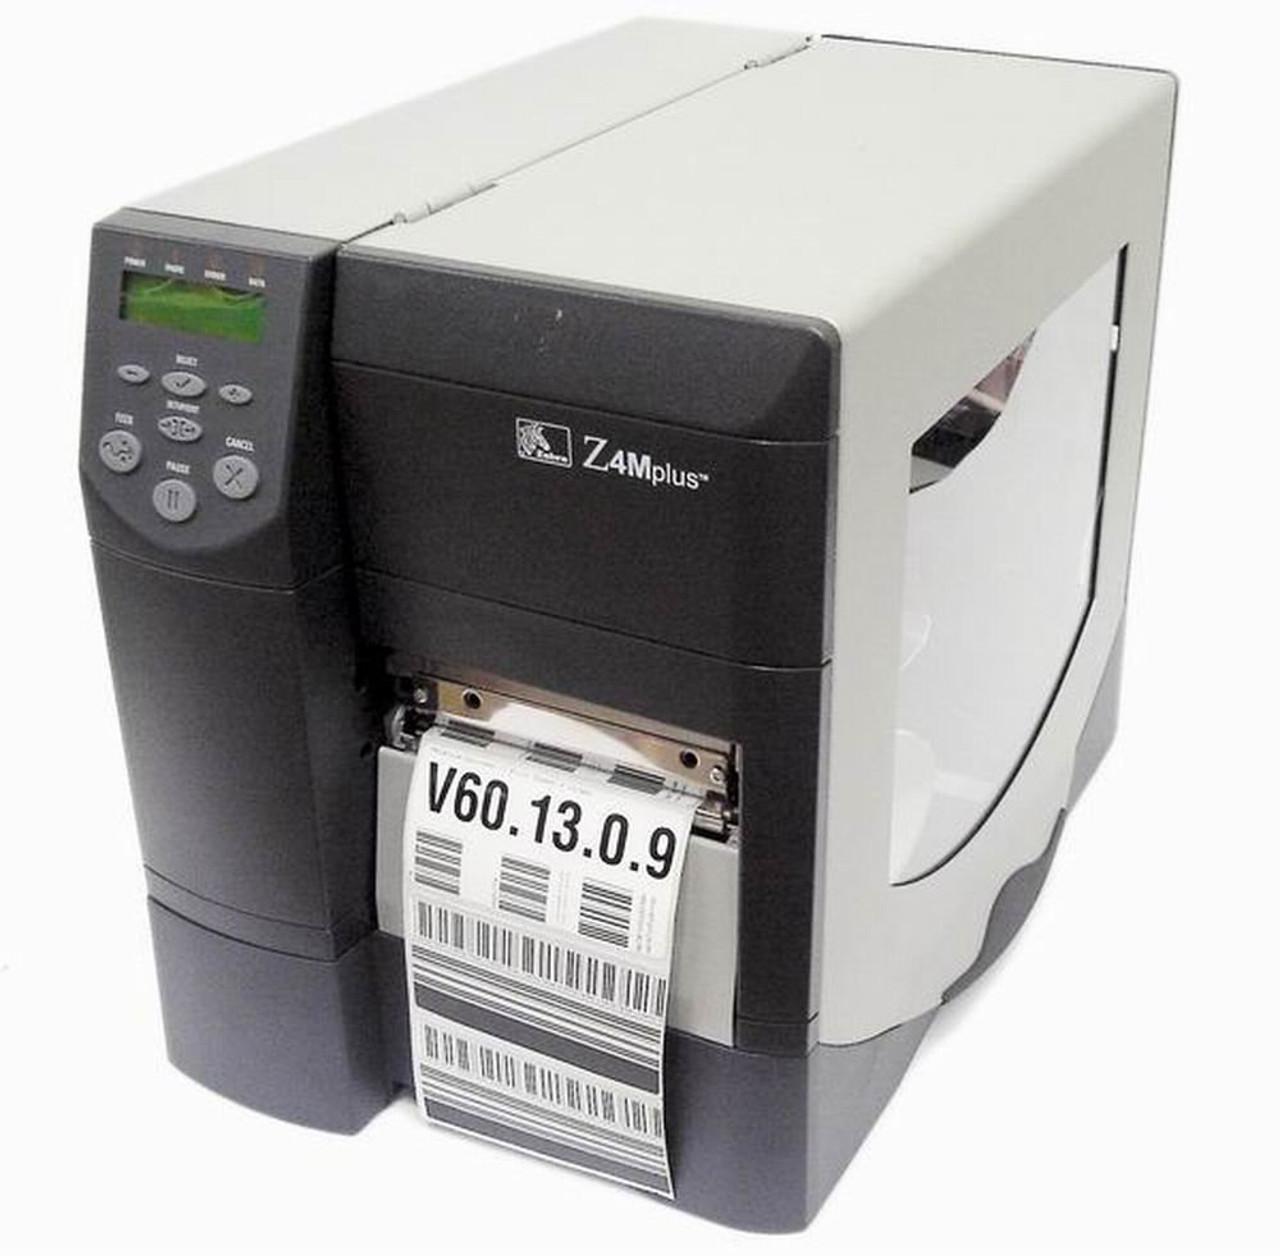 Zebra Z Series Z4Mplus Thermal Printer